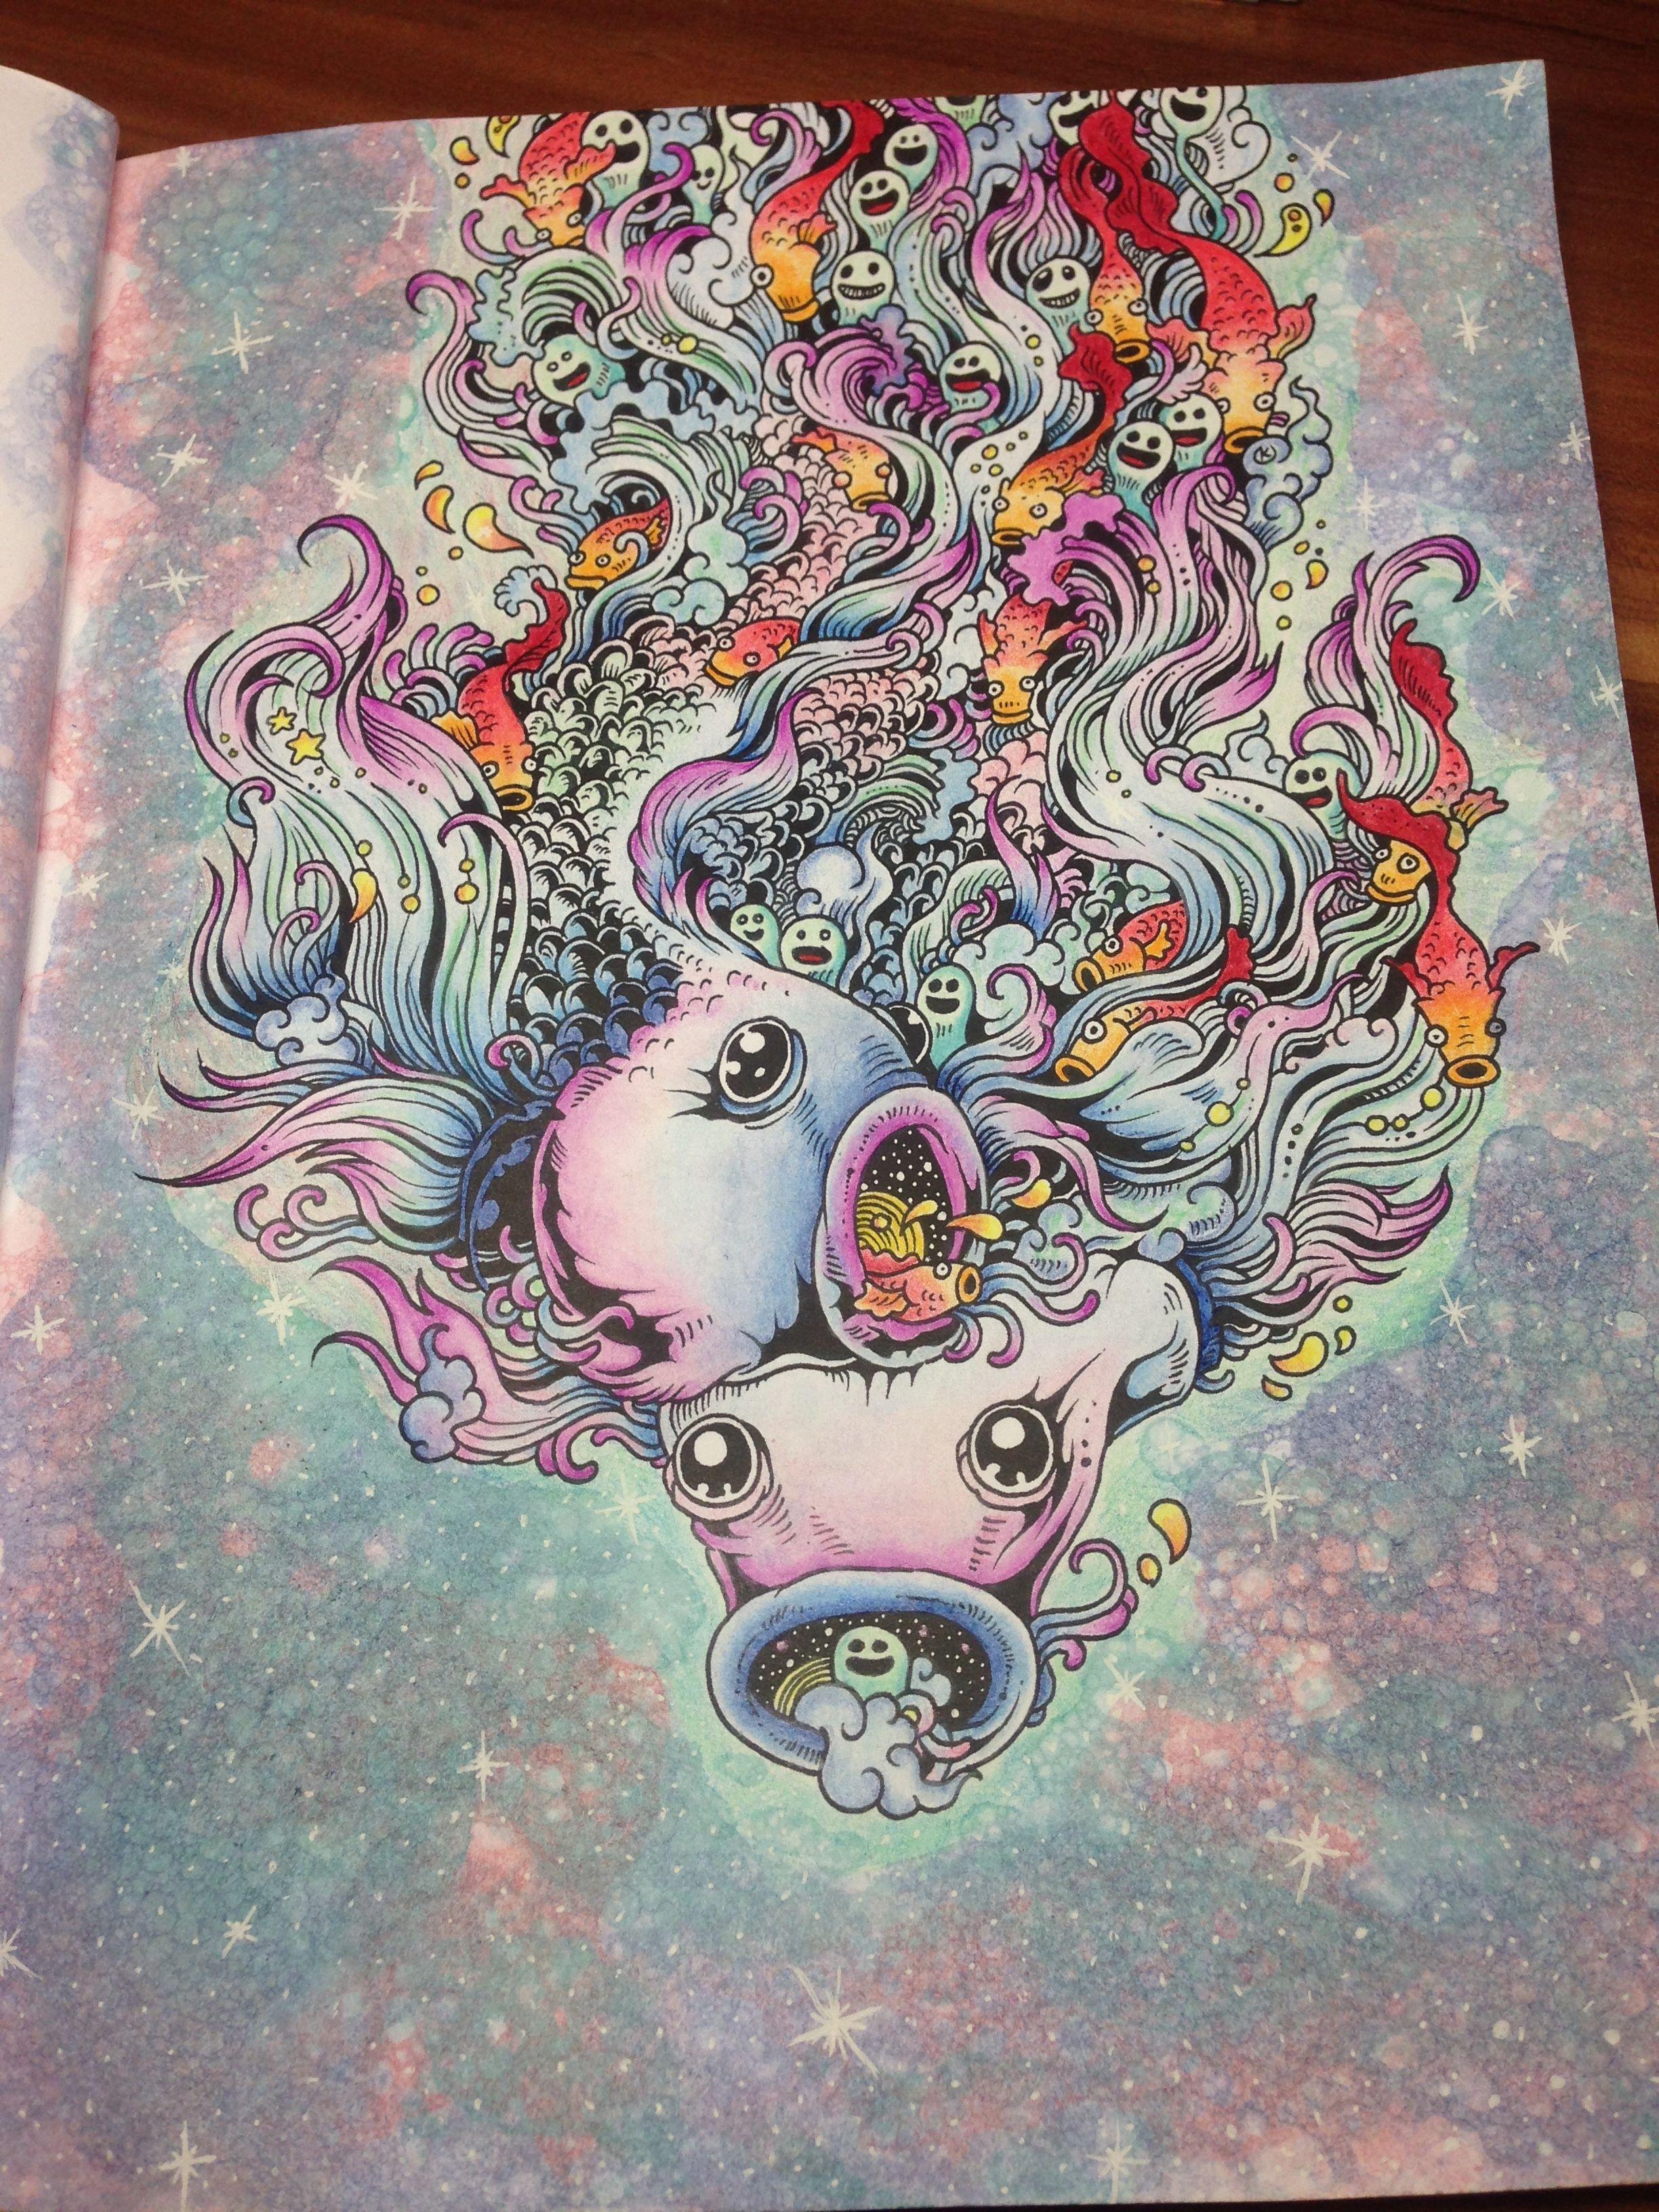 Doodle Coloring Adult Books Illustrations Color Pencil Techniques Art Diy Zentangle Hobbies